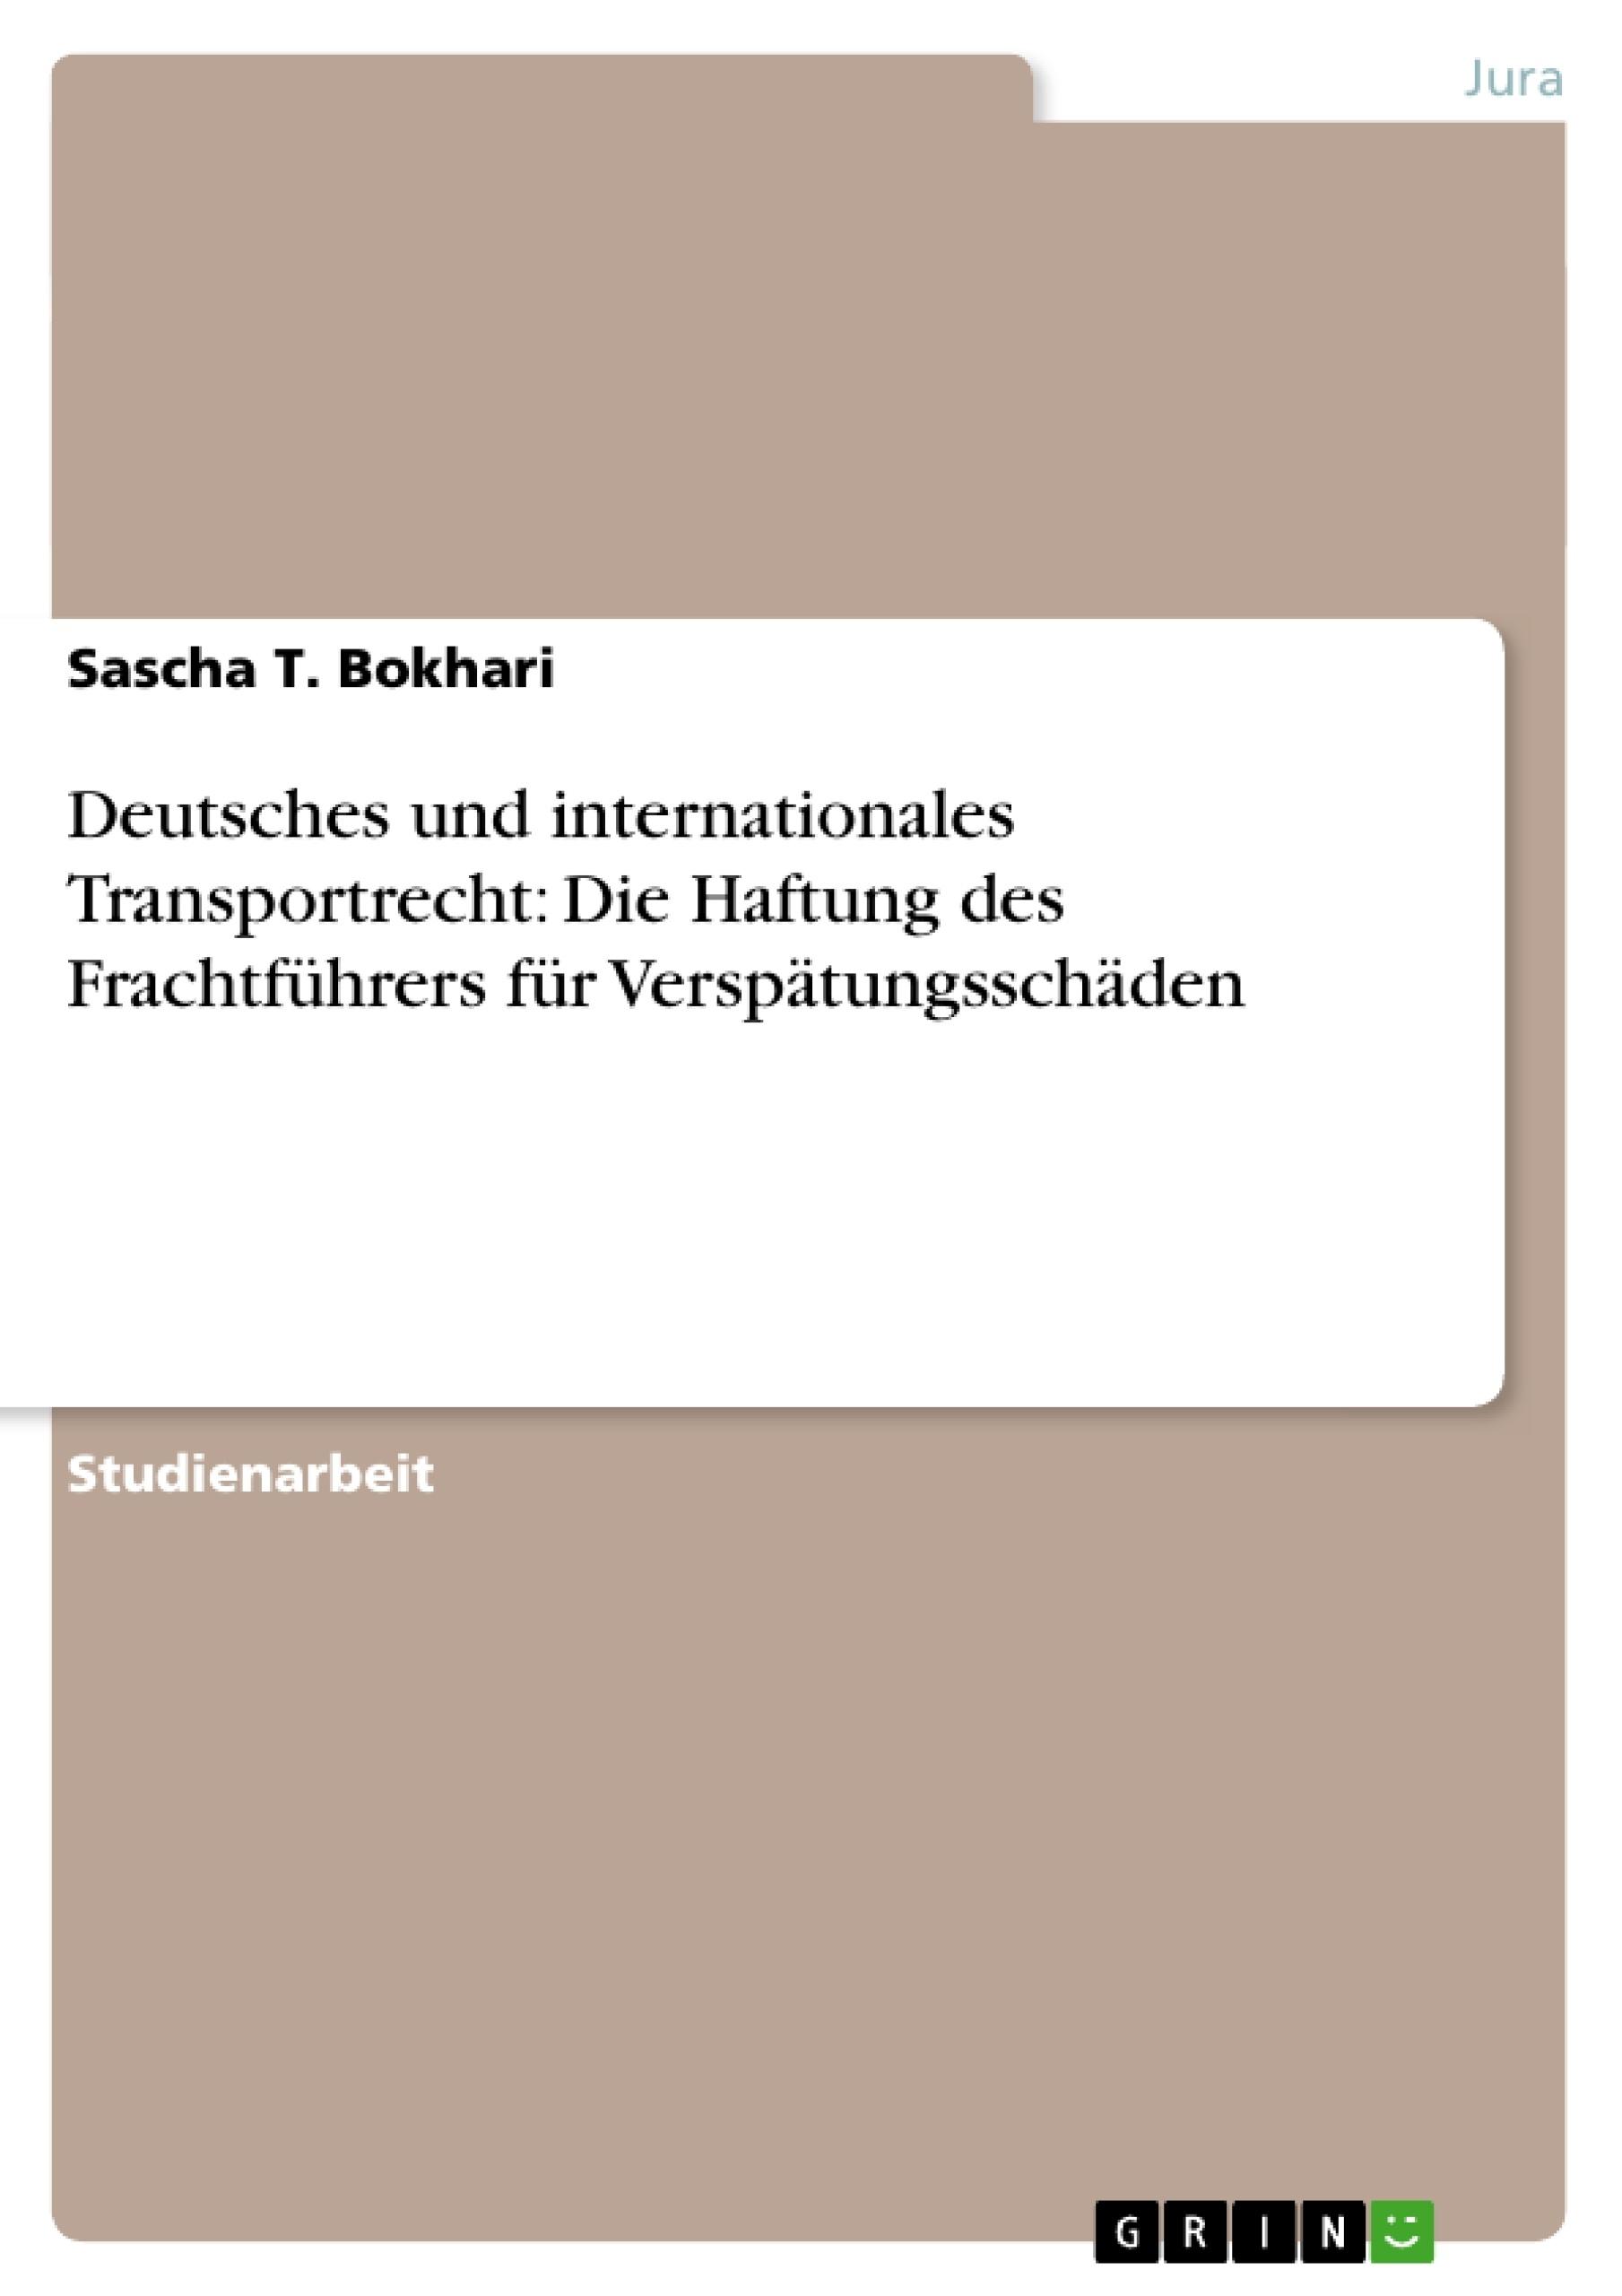 Titel: Deutsches und internationales Transportrecht: Die Haftung des Frachtführers für Verspätungsschäden